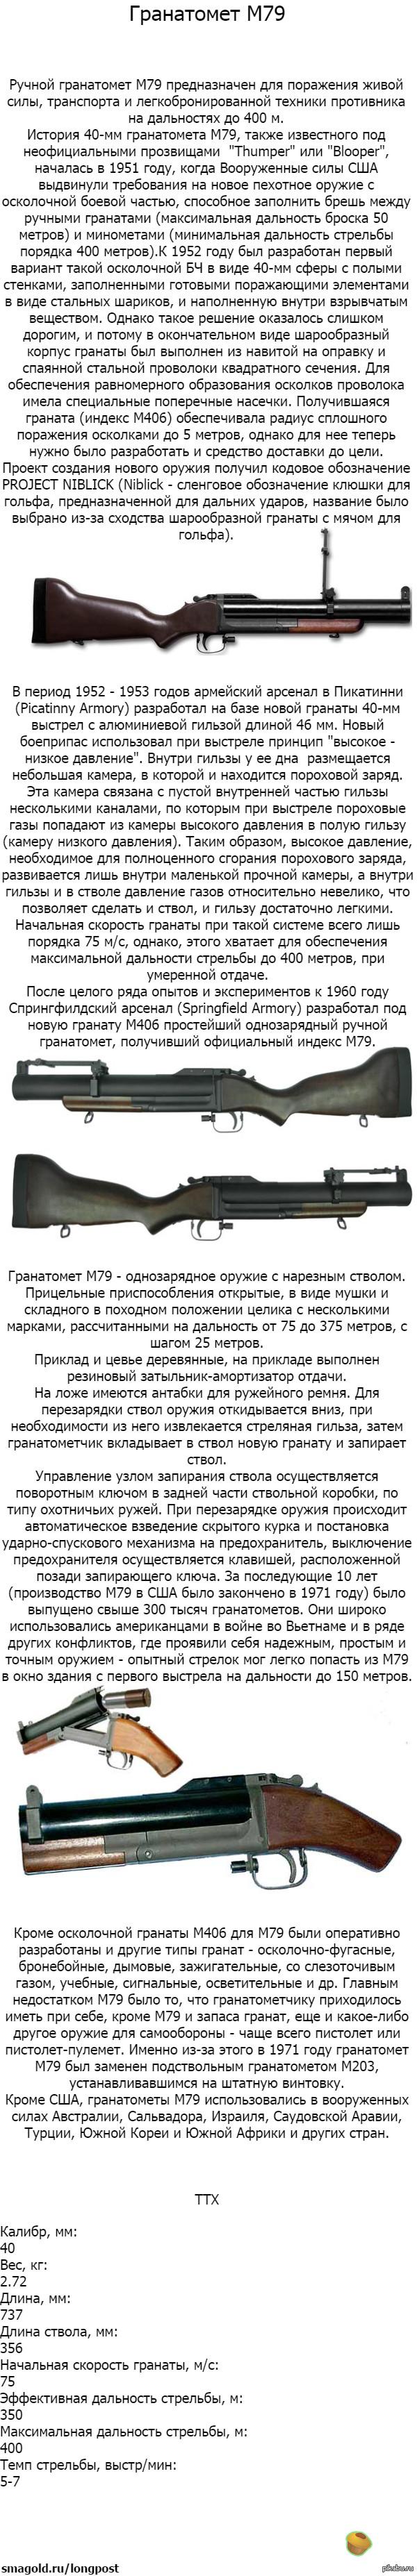 м79 гранатомет